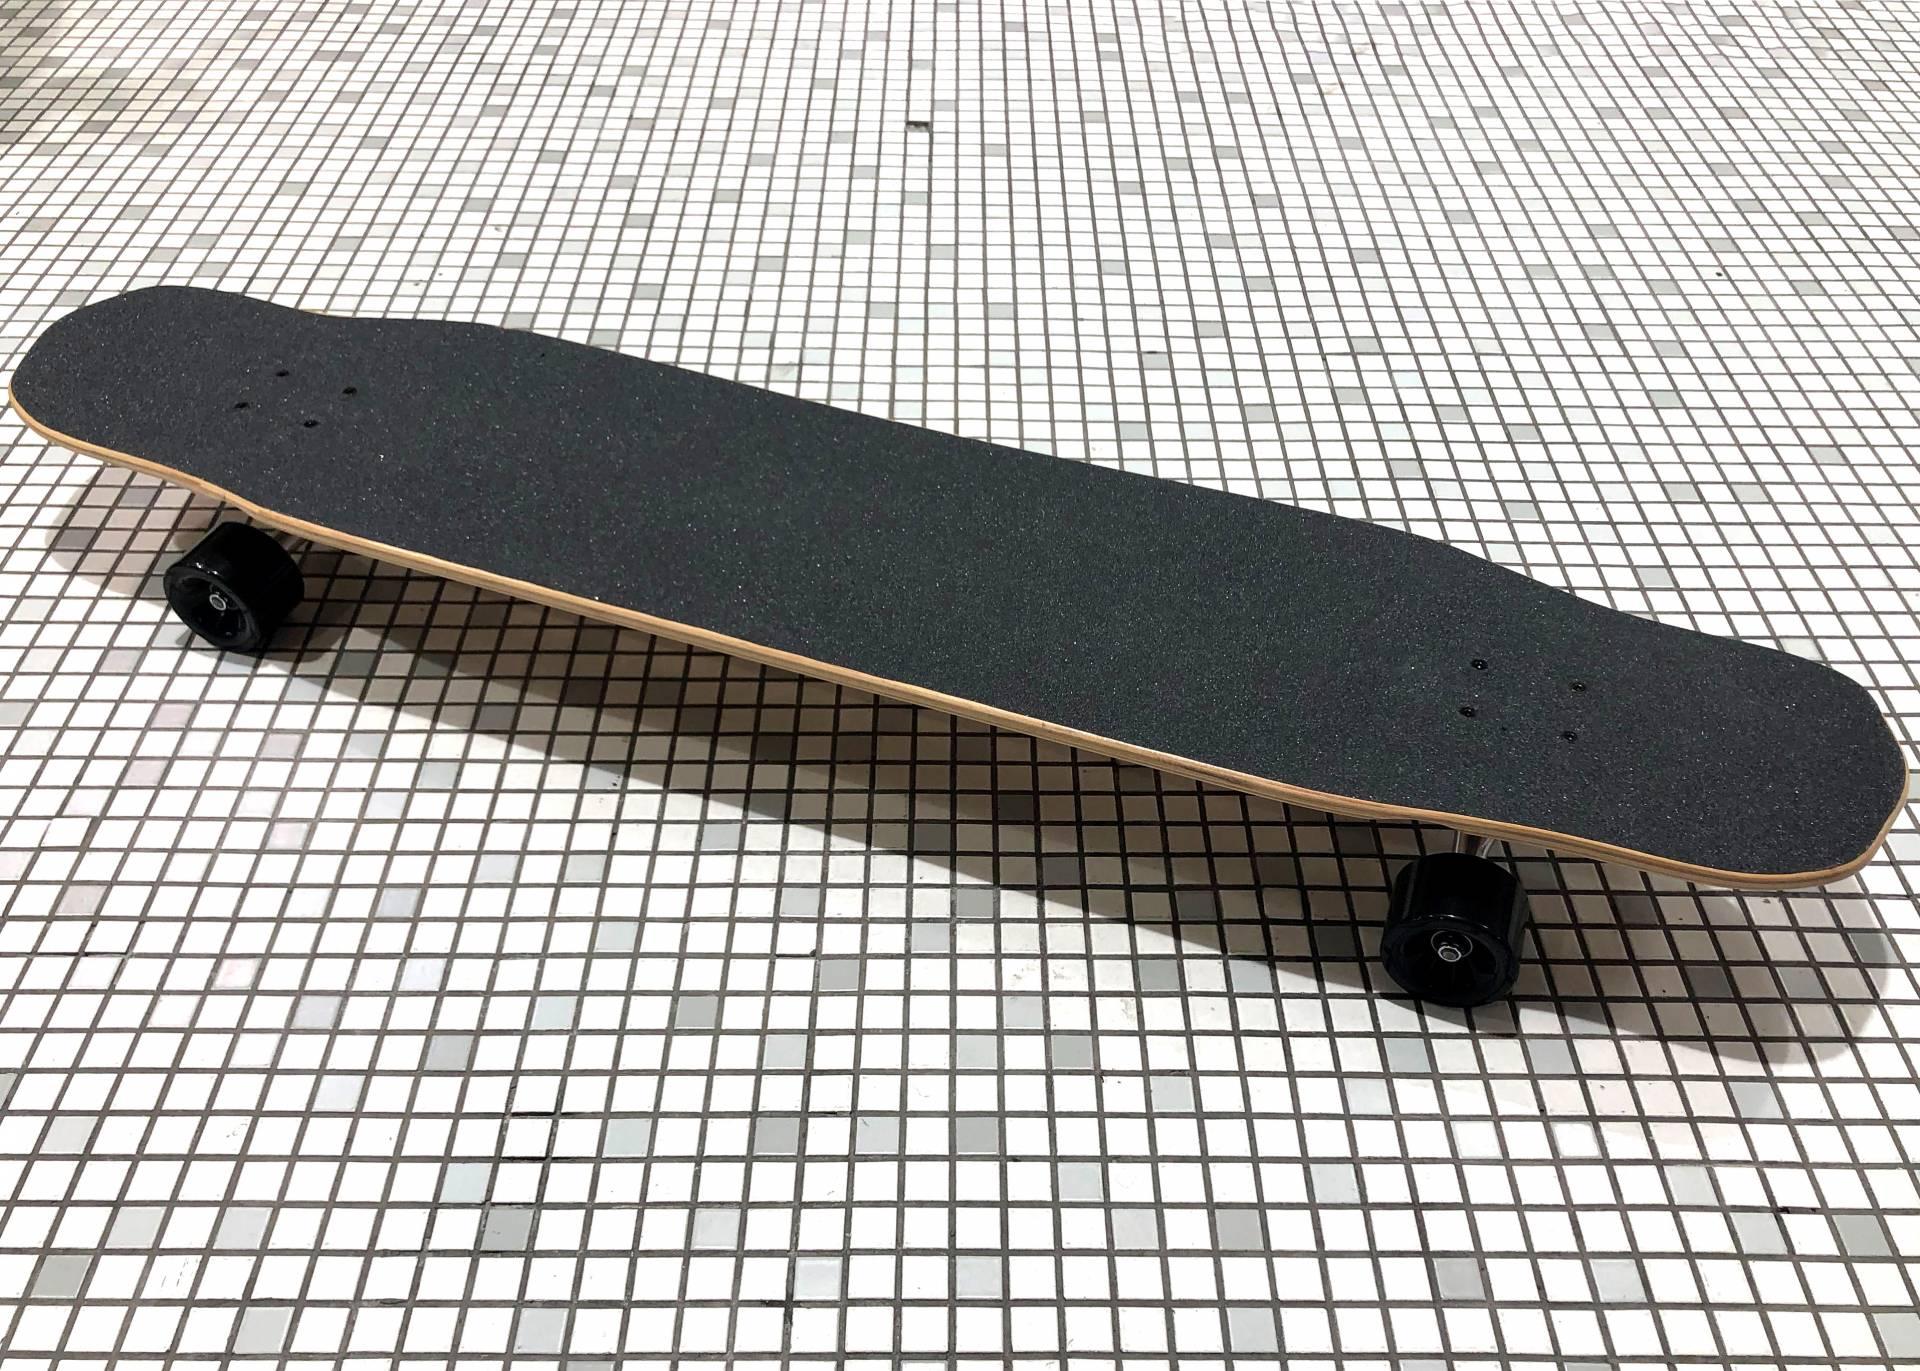 話題沸騰中!【BLANK】新たな横乗り【ロンスケ】に注目度高まる、ダンシング スケートボードが数量限定で入荷!